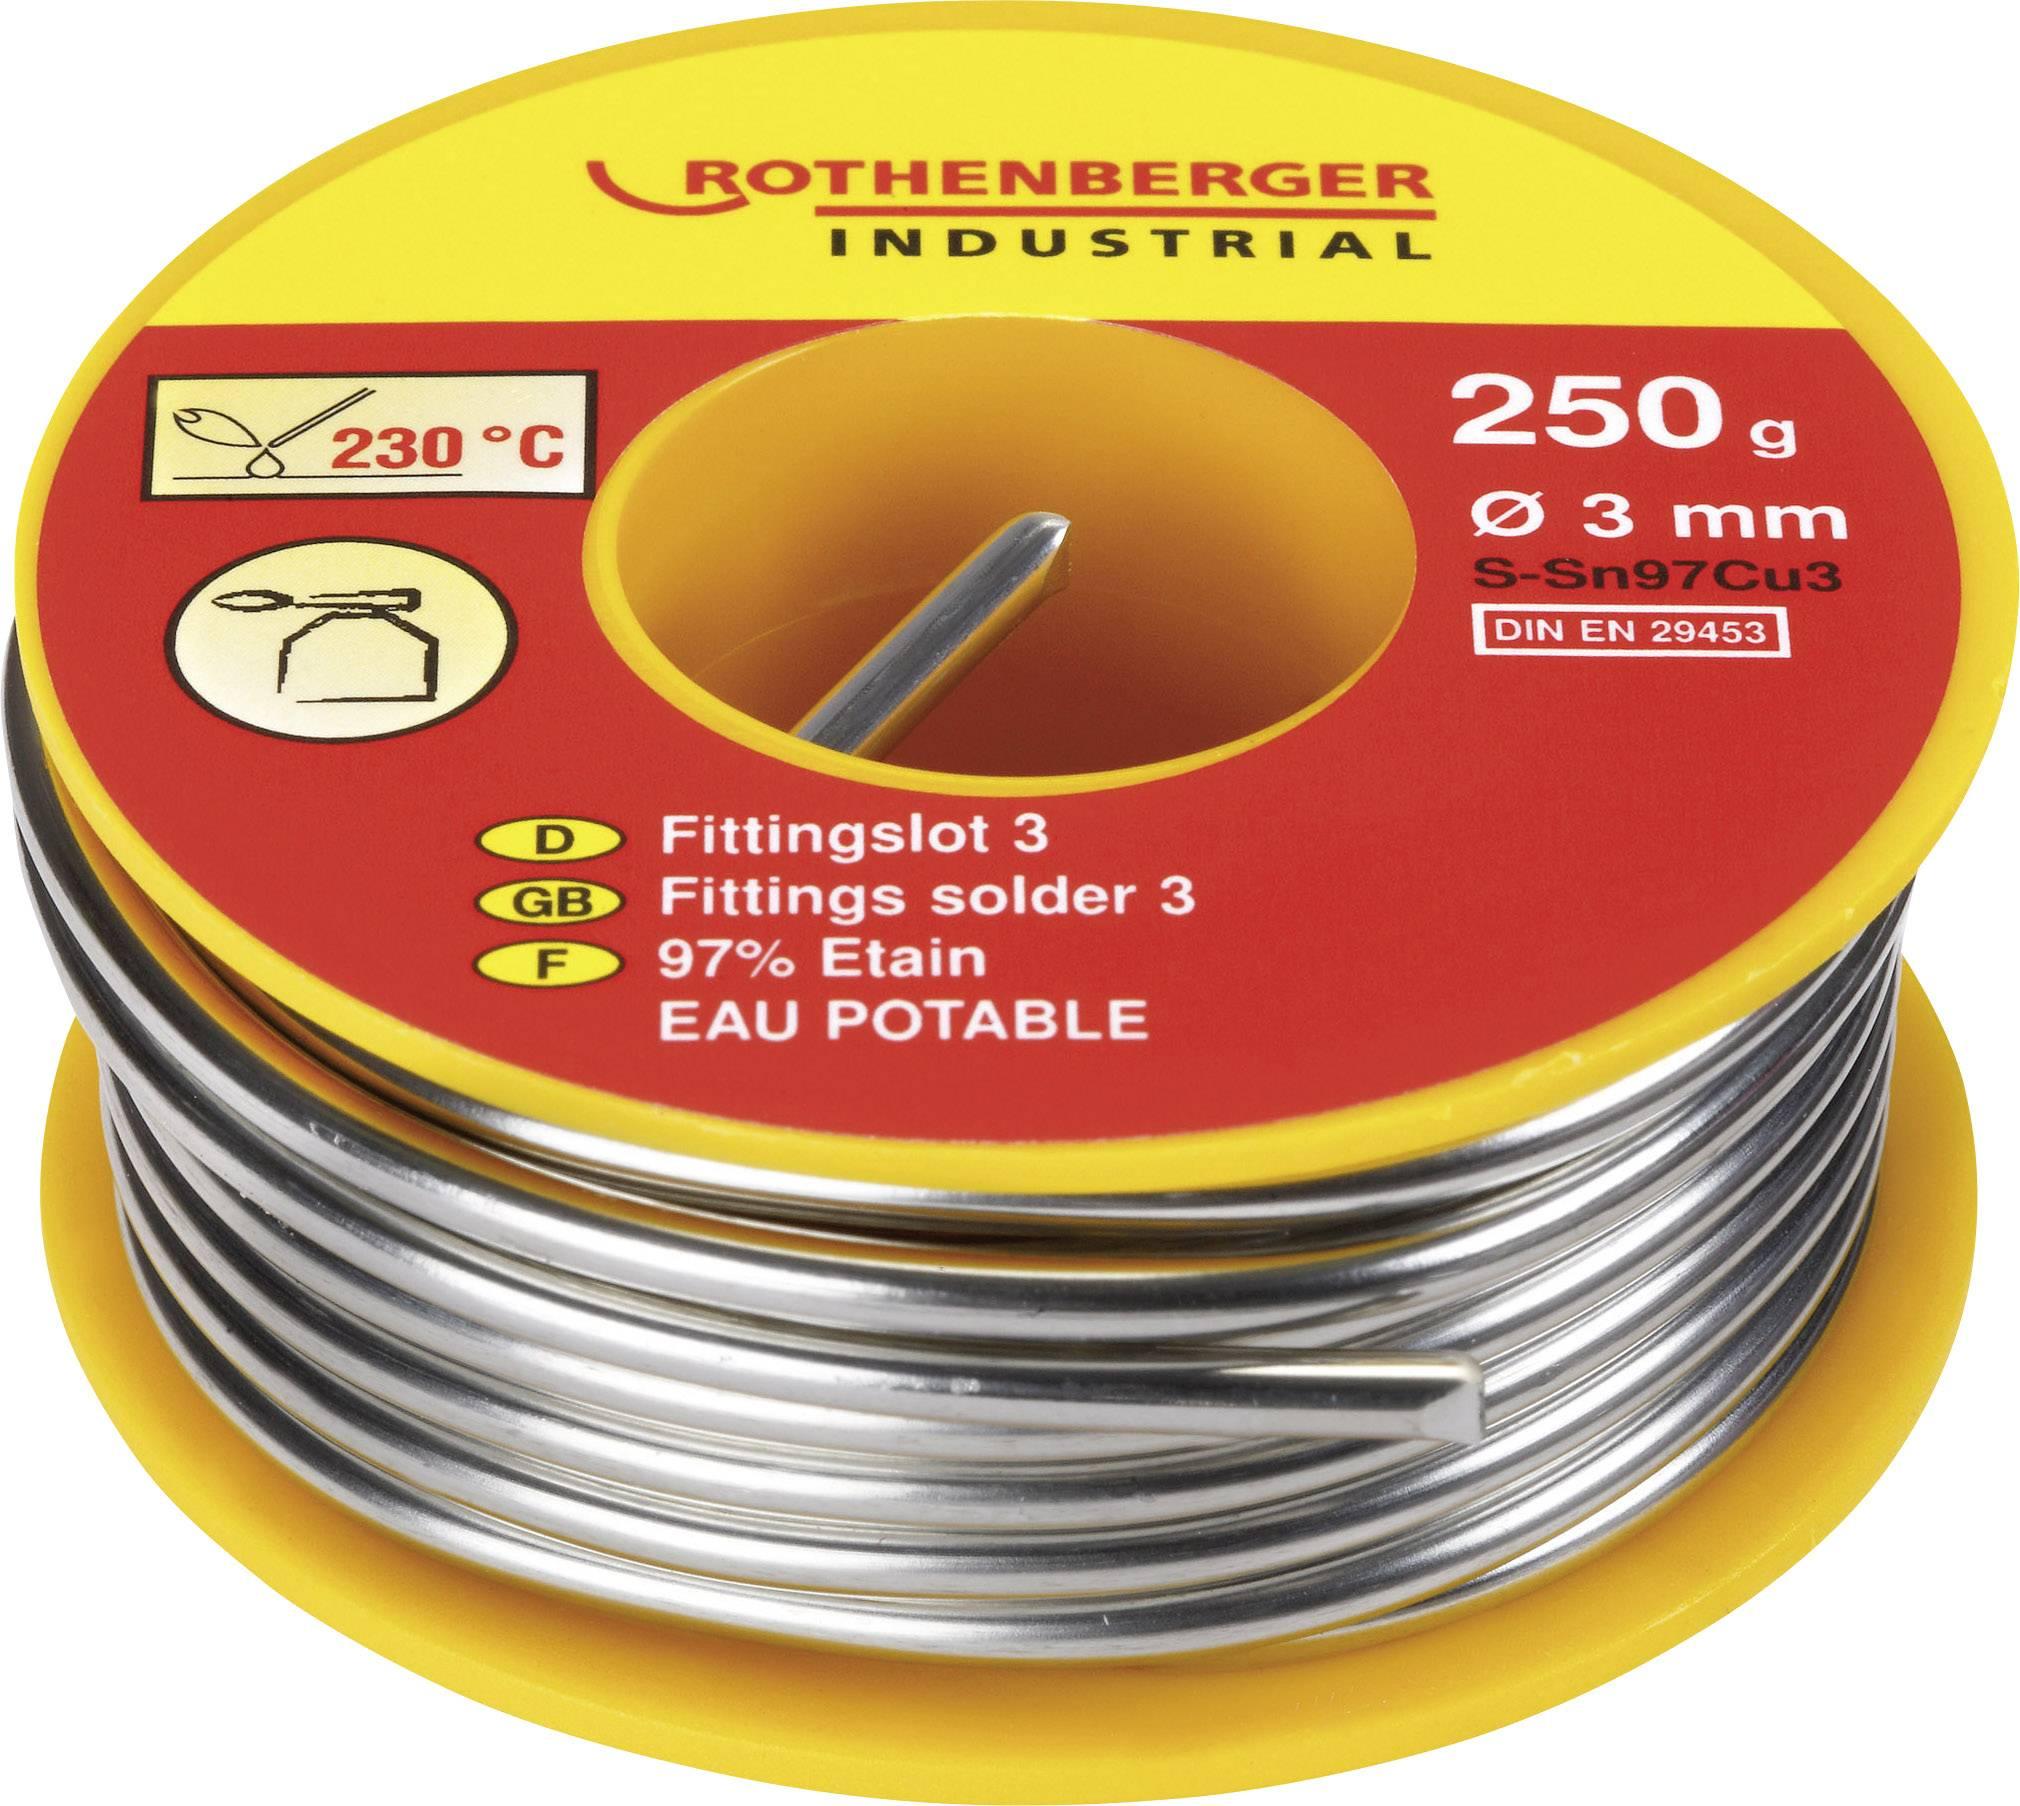 Cínová spájka PBF Sn97Cu3, Ø 3mm, 250 g, Rothenberger